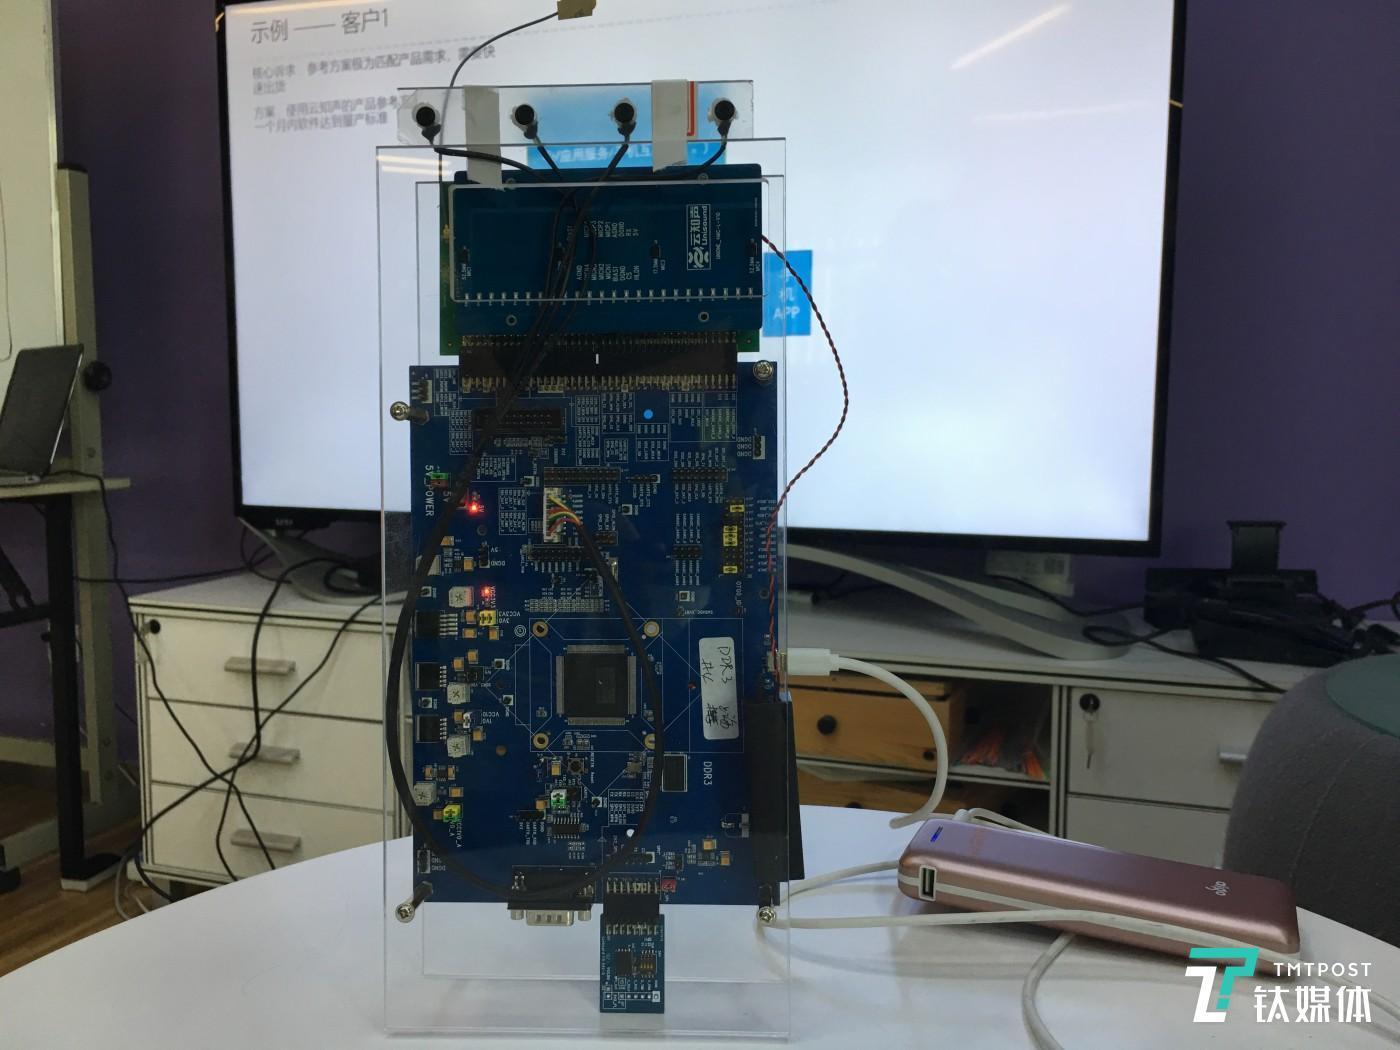 """搭载云知声""""雨燕""""芯片的硬件电路板,已经可以实现语音交互功能。"""